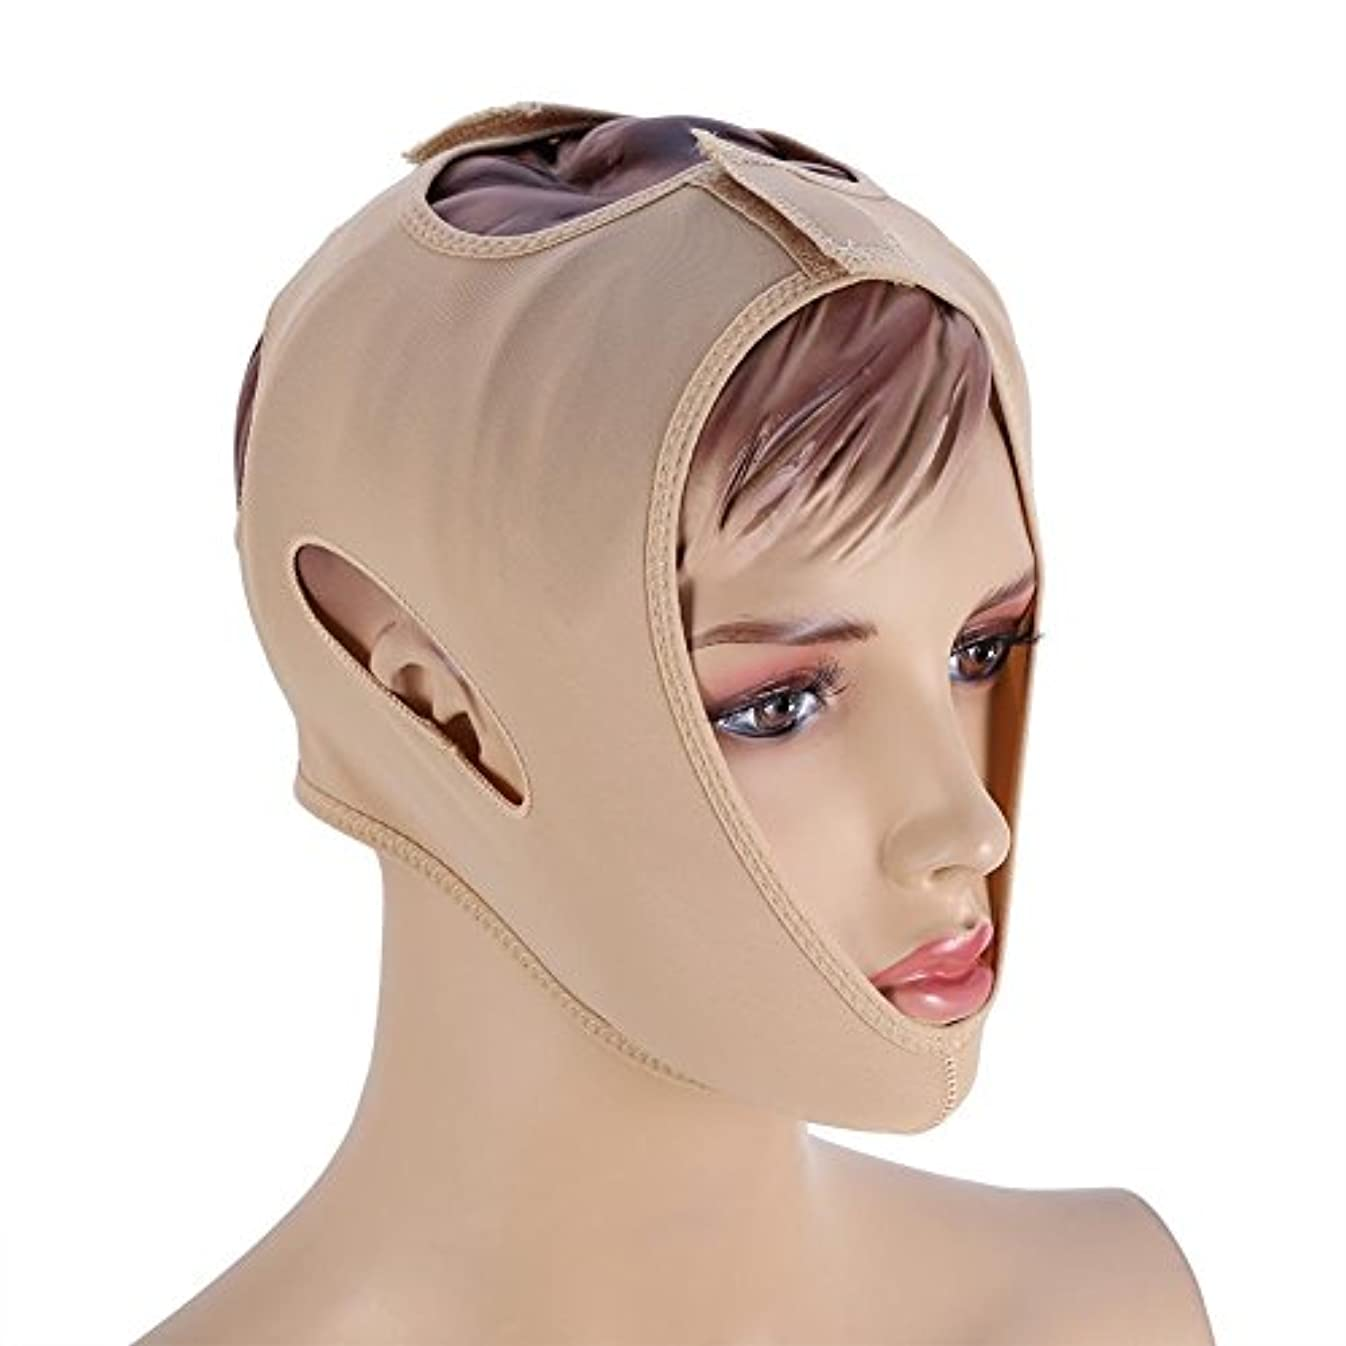 学部長範囲もっと少なくフェイスベルト 額、顎下、頬リフトアップ 小顔 美顔 頬のたるみ 引き上げマスク便利 伸縮性 繊維 (L码)